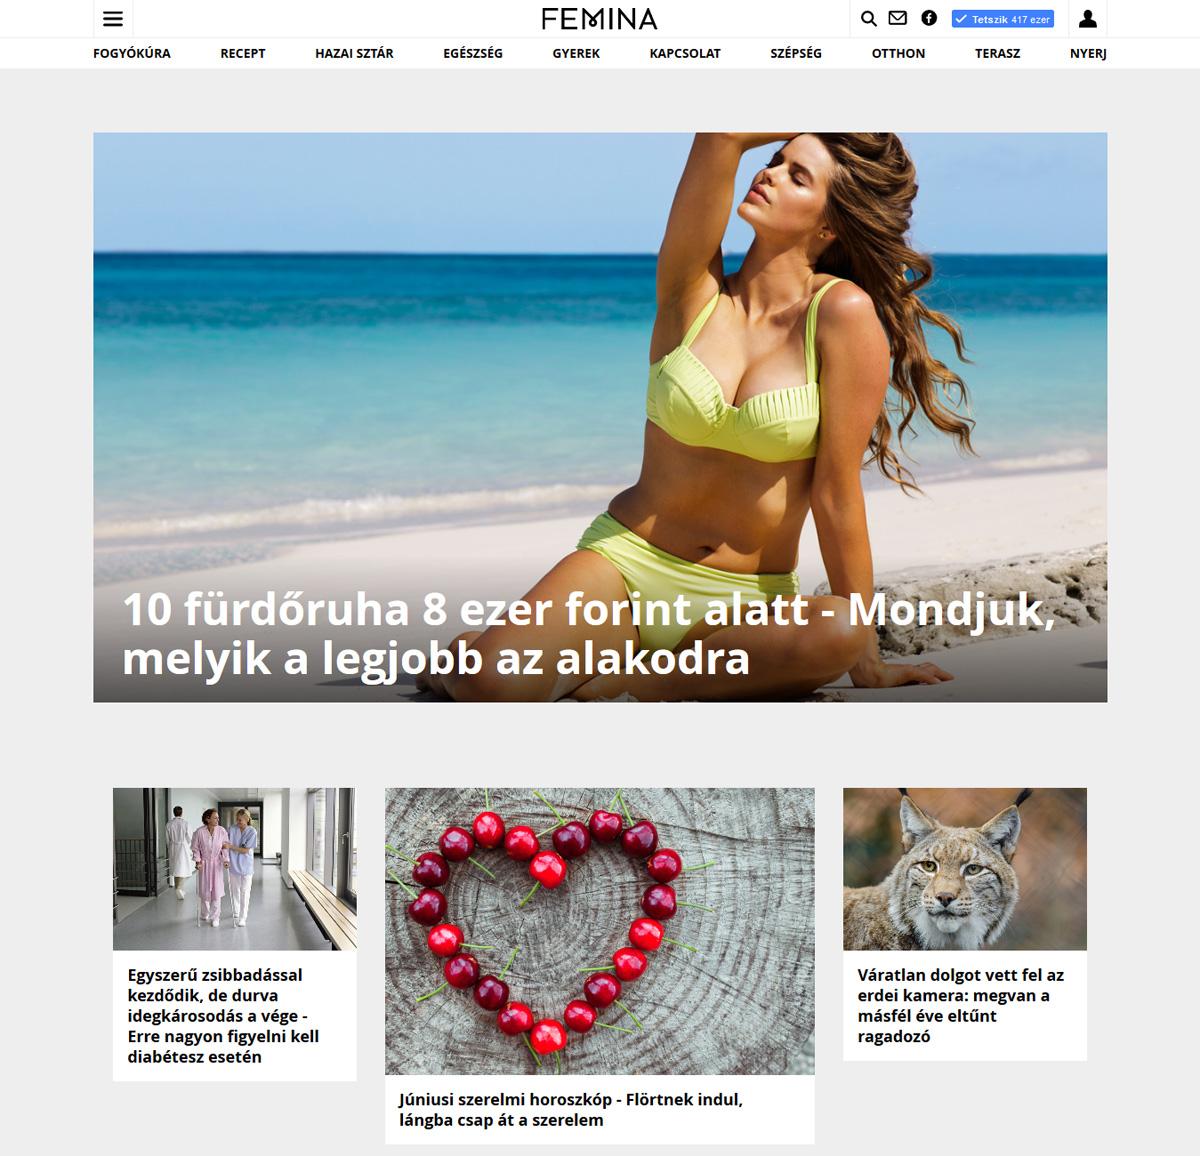 femina_nyito_rovid.jpg